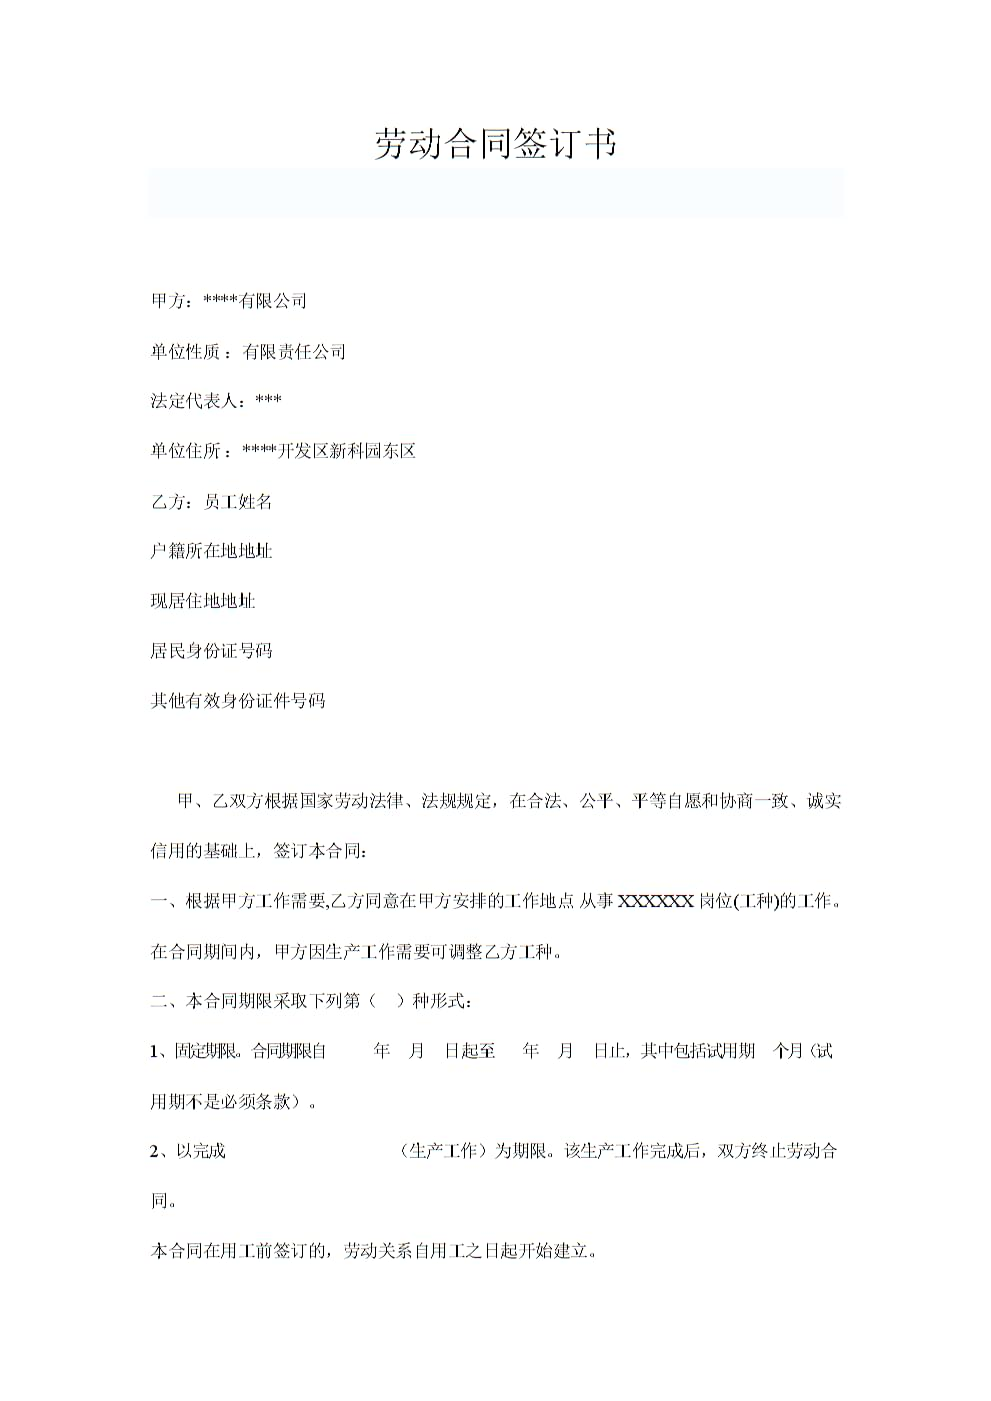 公司与员工签订劳动合同.ppt